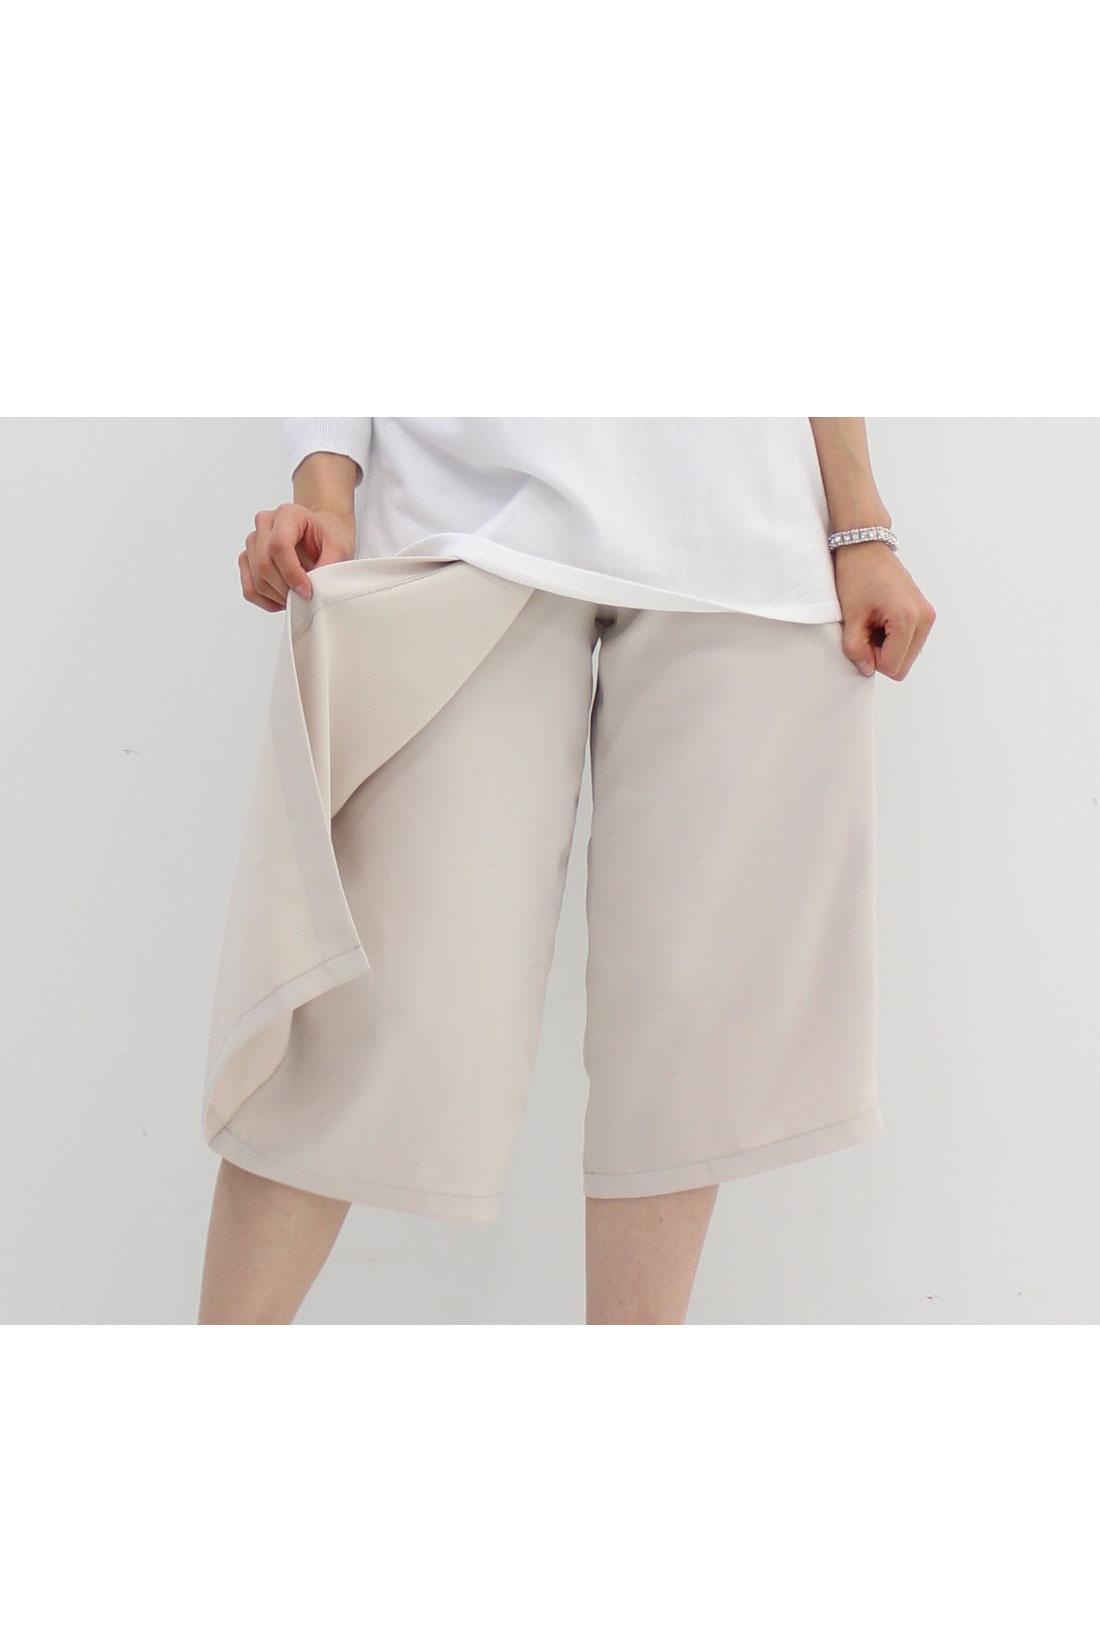 スカートのようにはけるガウチョパンツ。